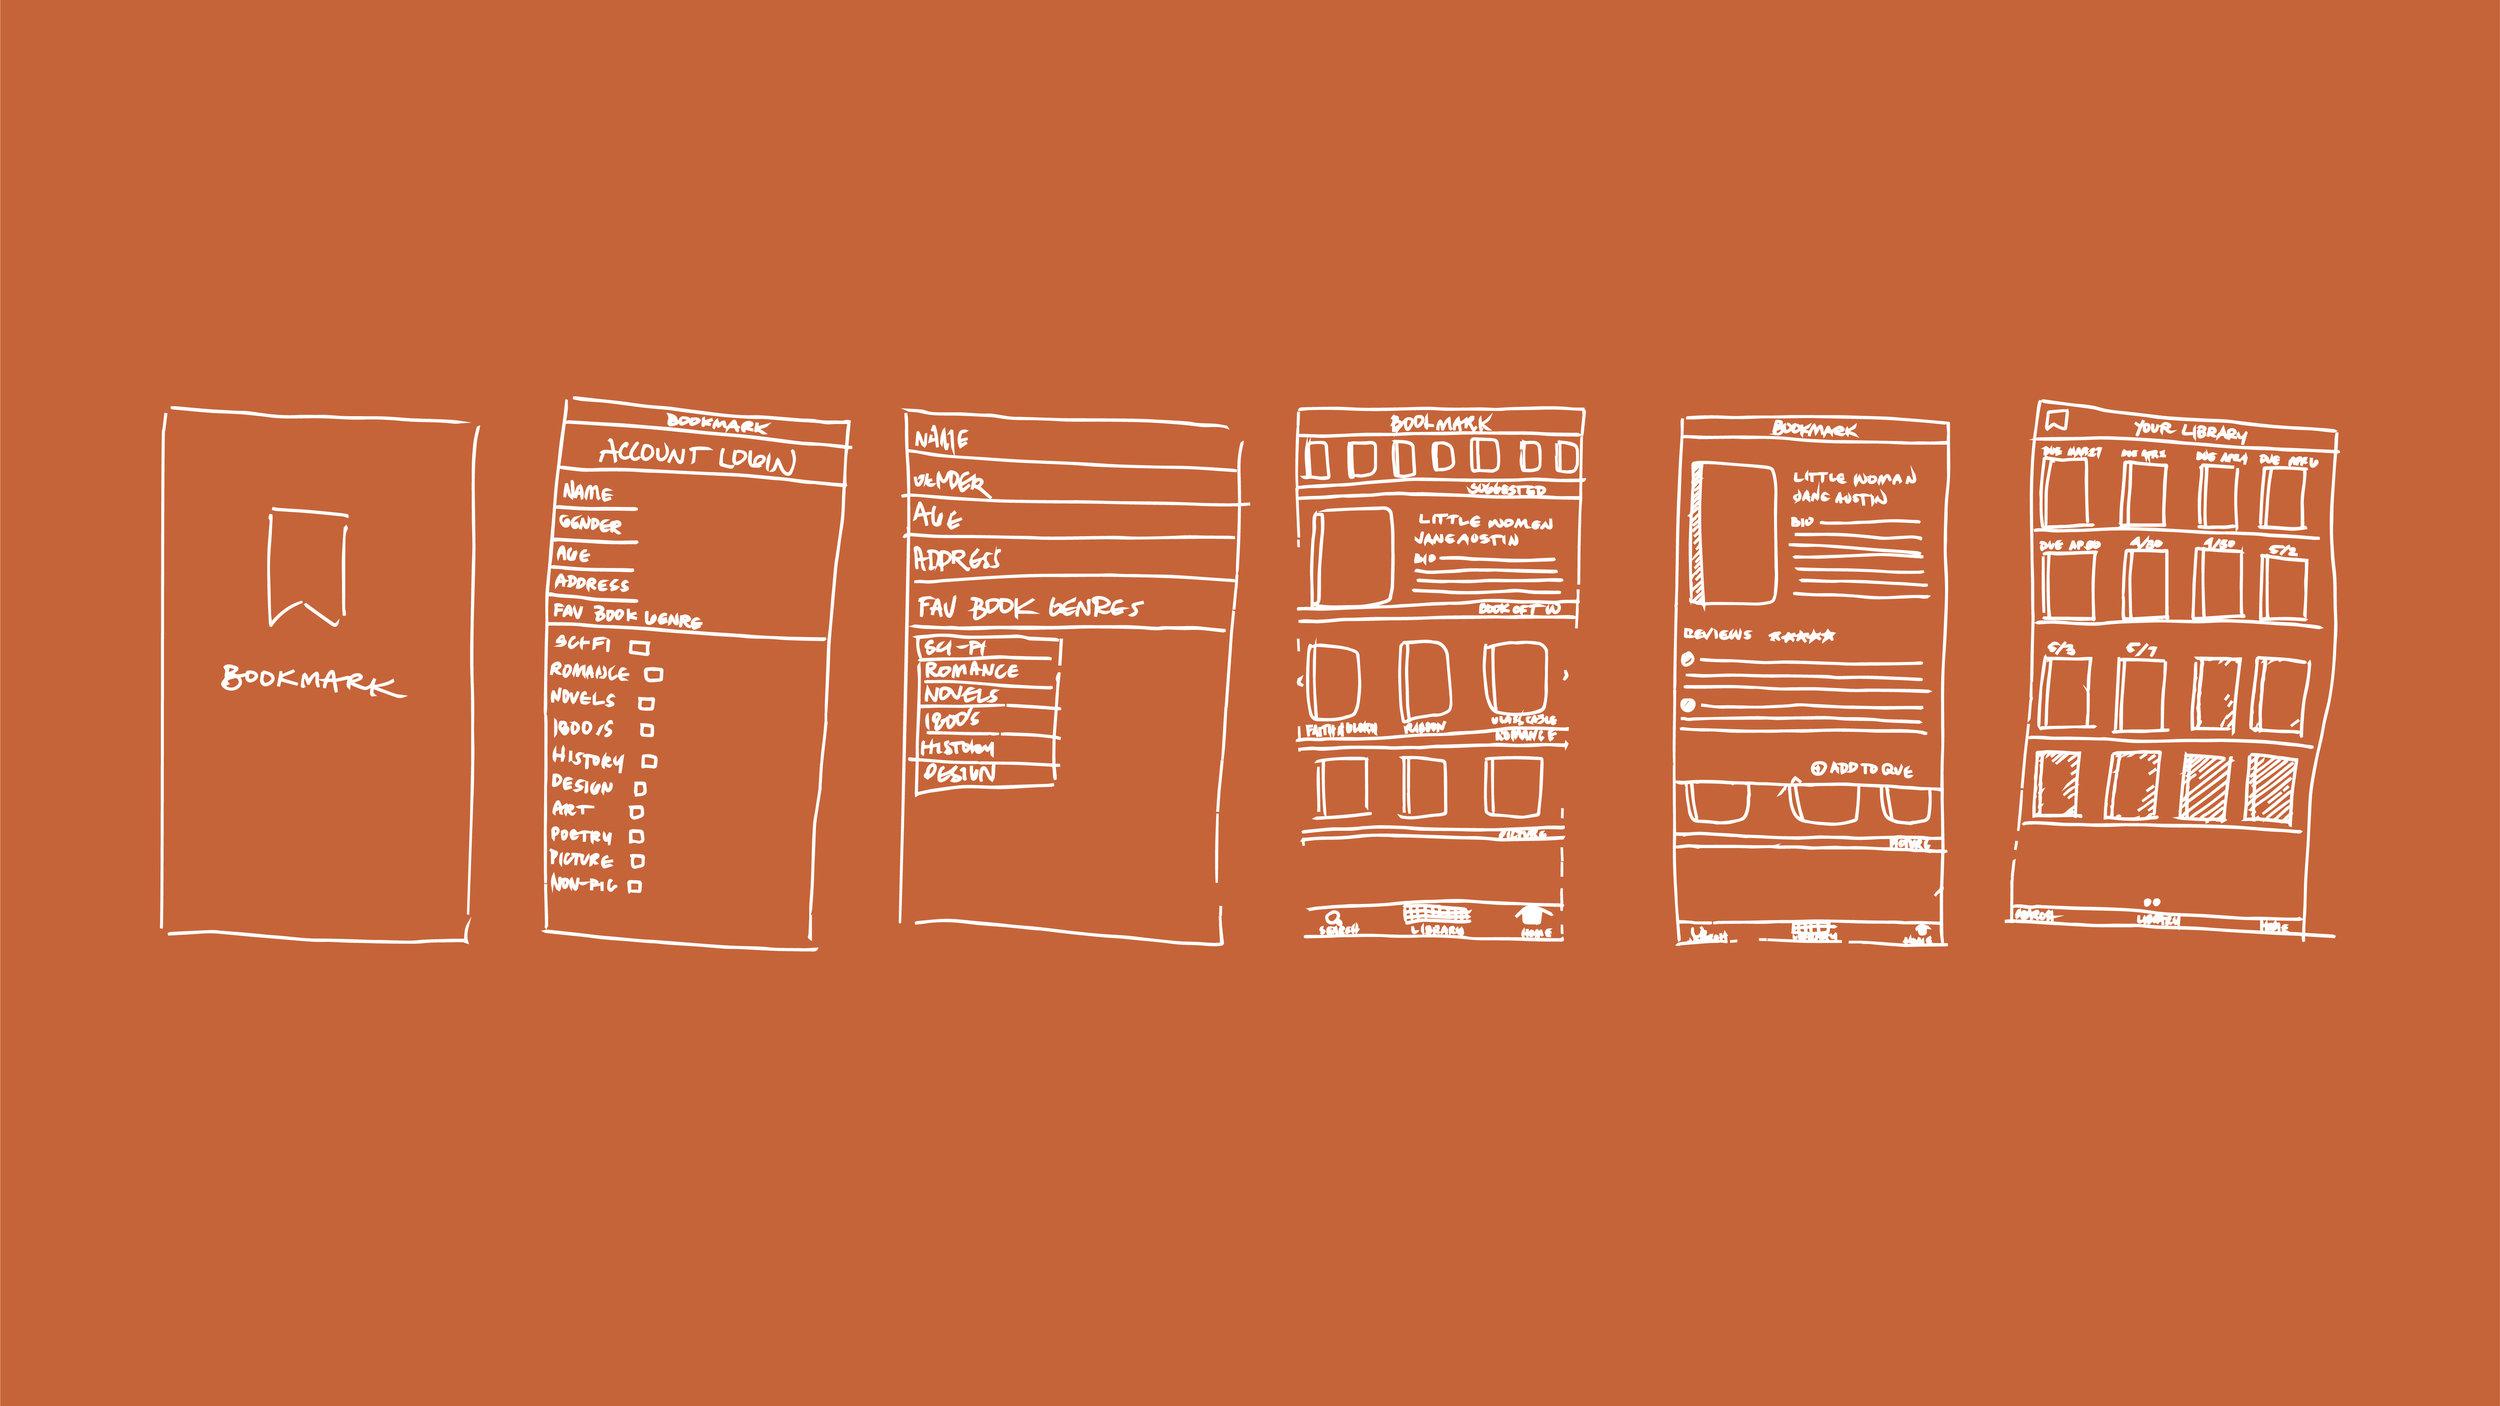 library app-1-01.jpg